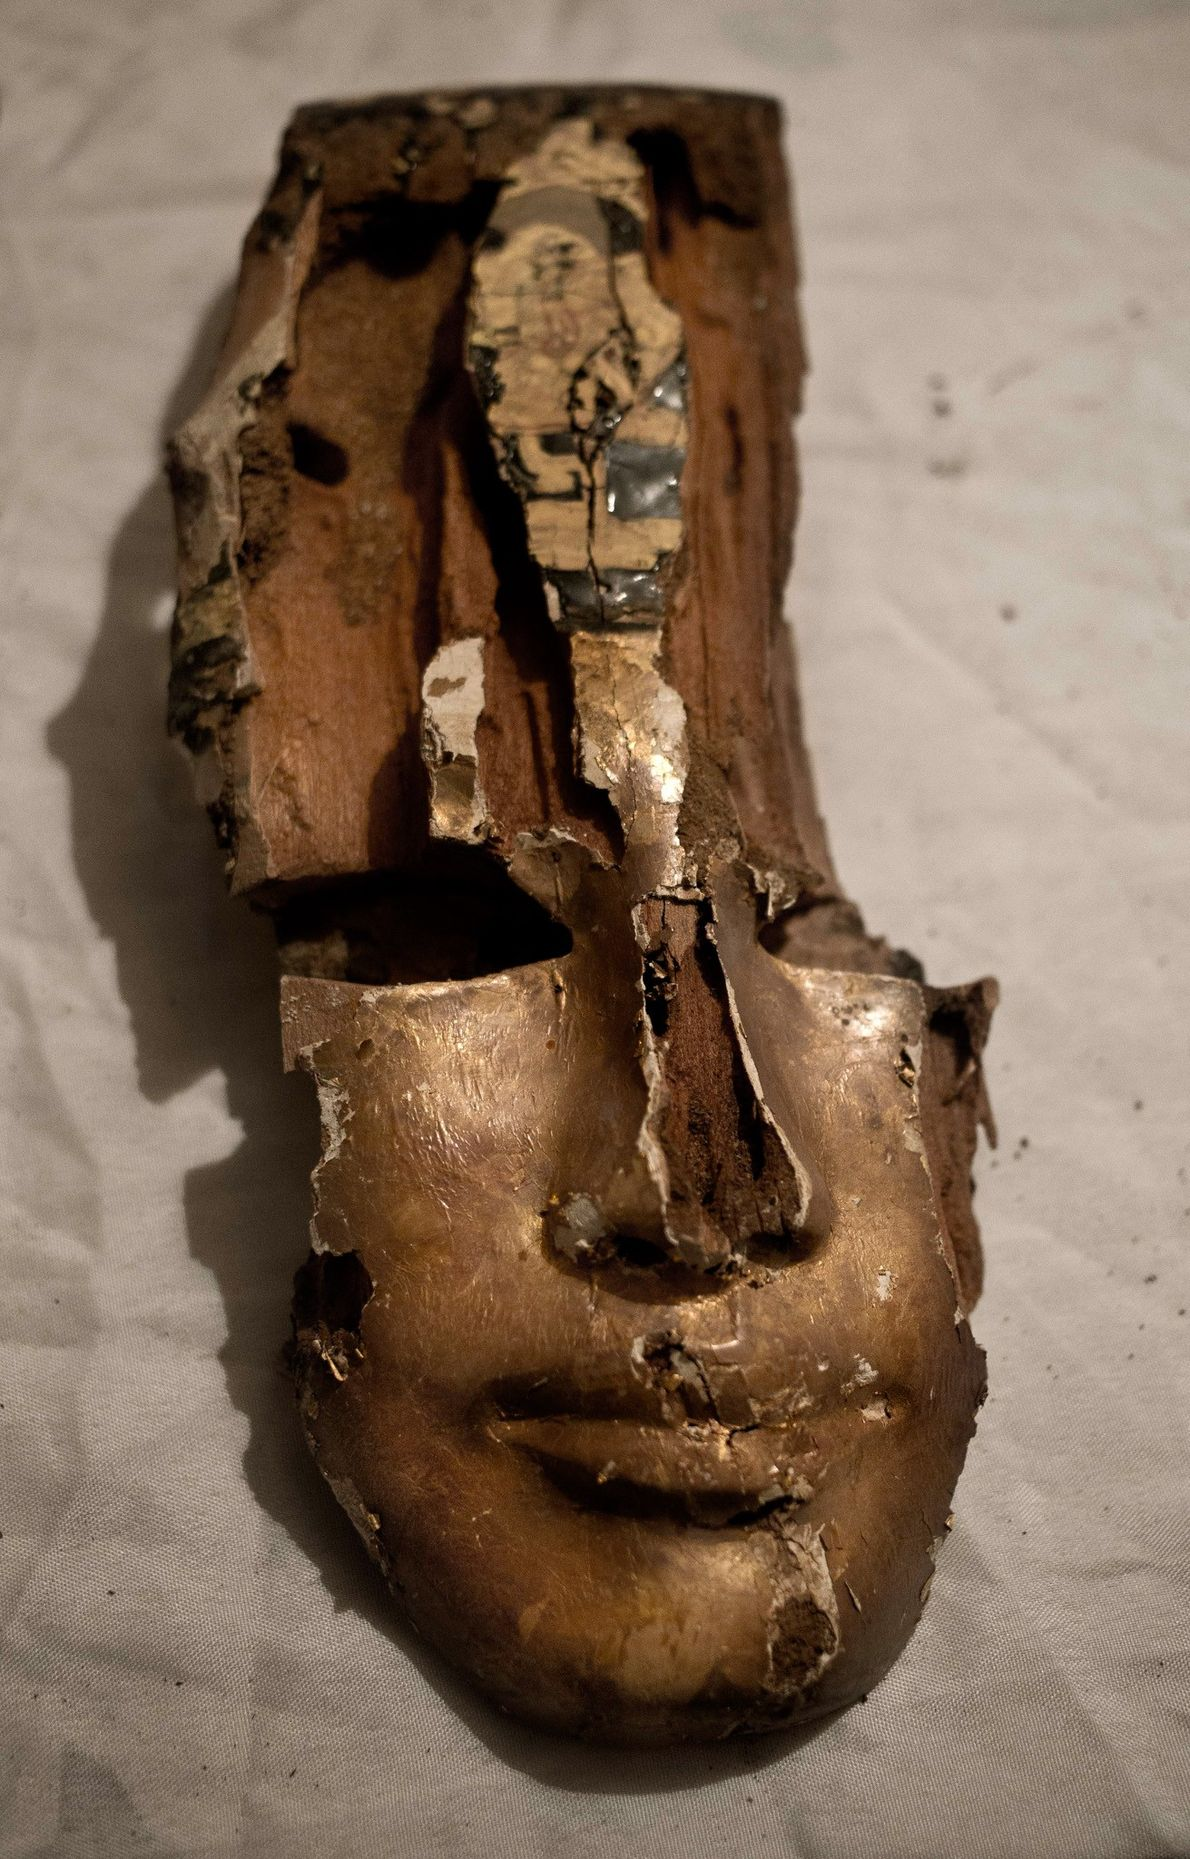 Fragmento de uma máscara mortuária dourada do antigo Egito